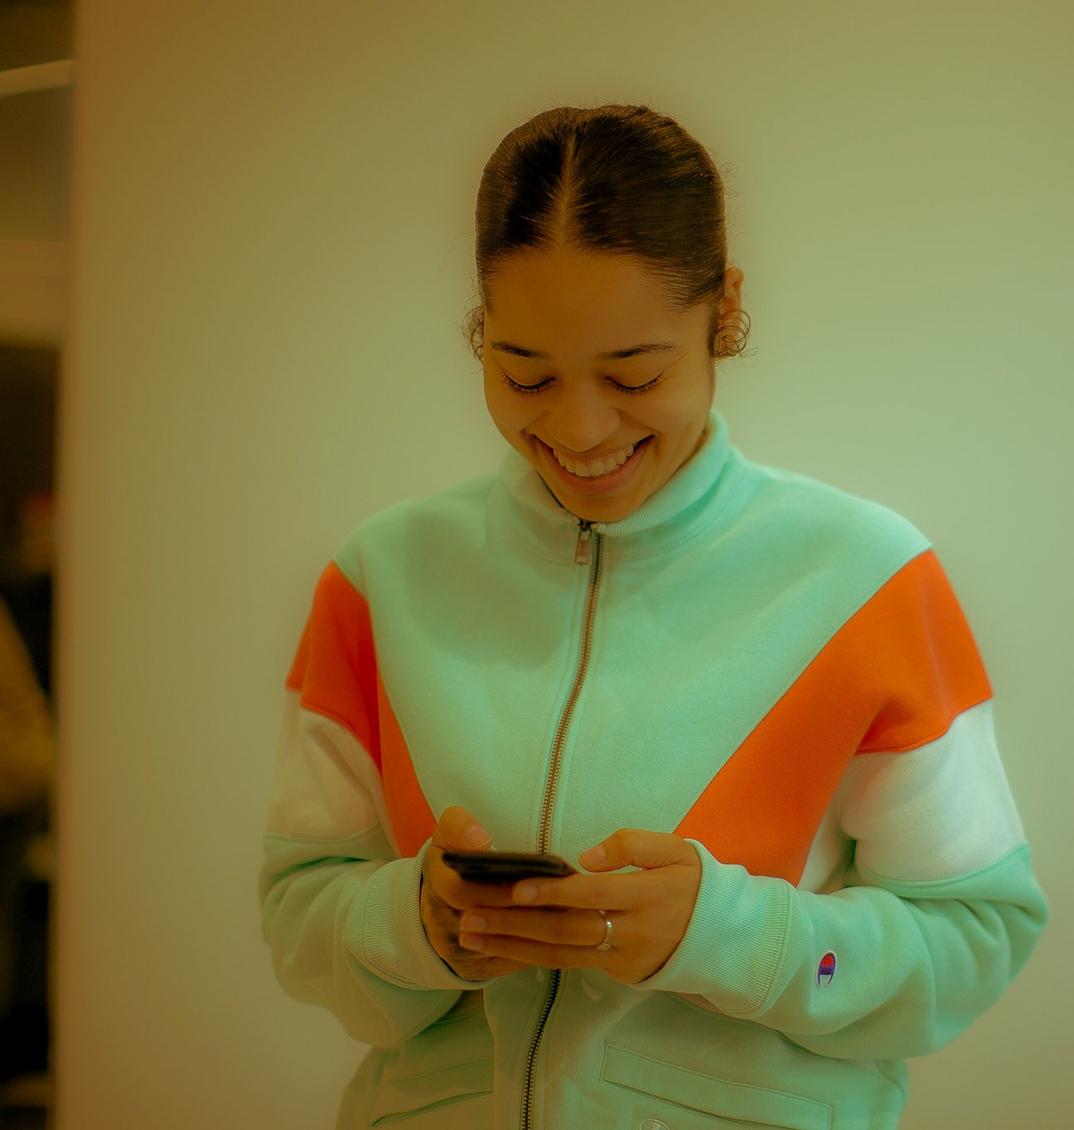 Ella Mai smiling